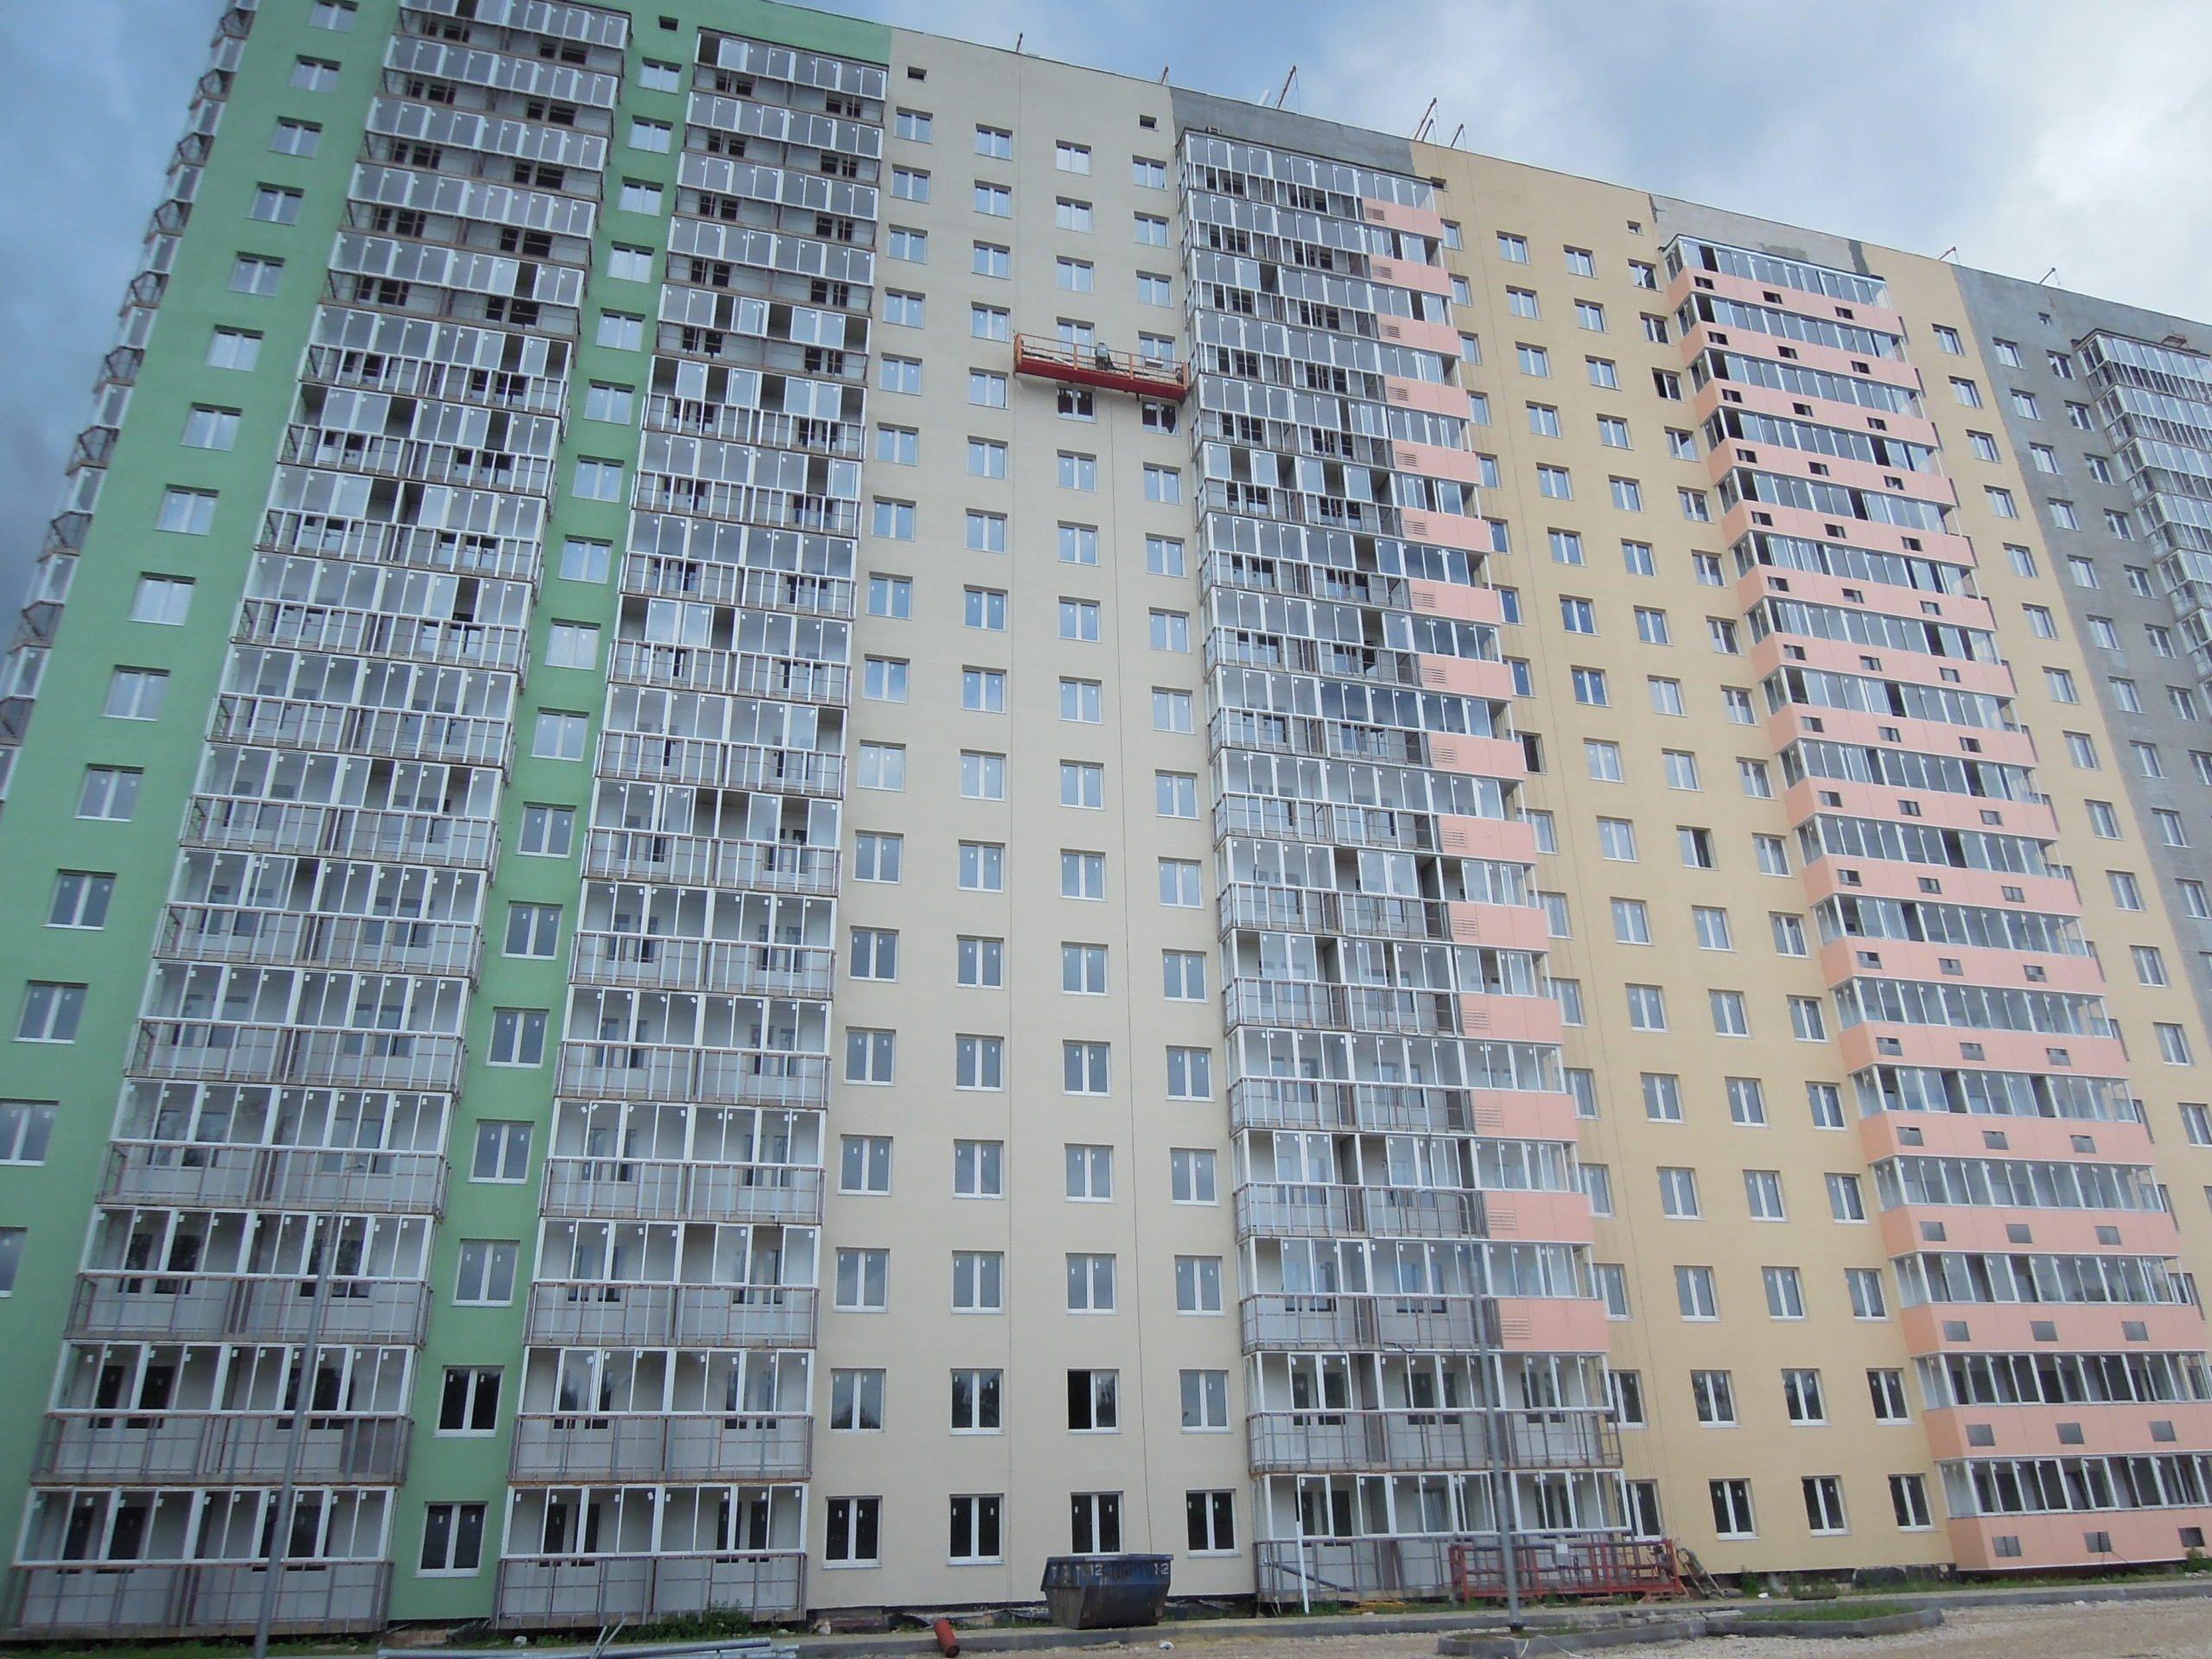 Дневник строительства дома №1 Южного квартала ЖК Новые Островцы от 2 июля 2021 г.